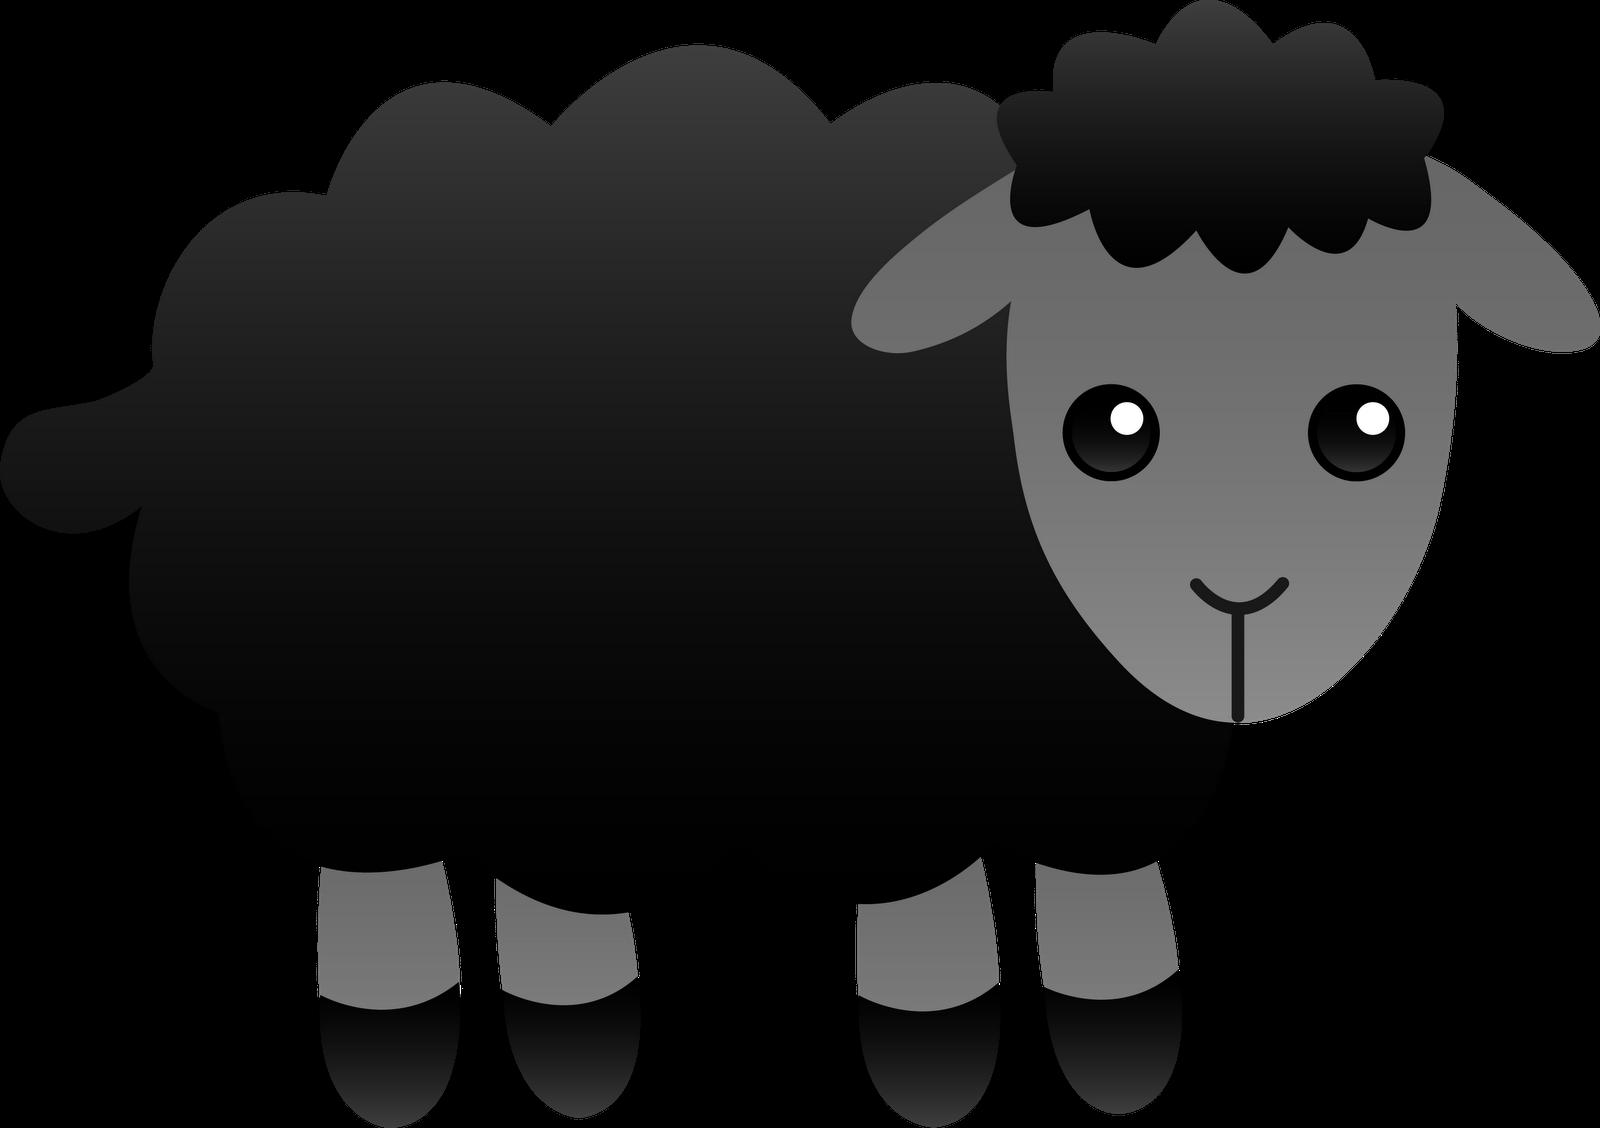 Sheep clipart shadow #7